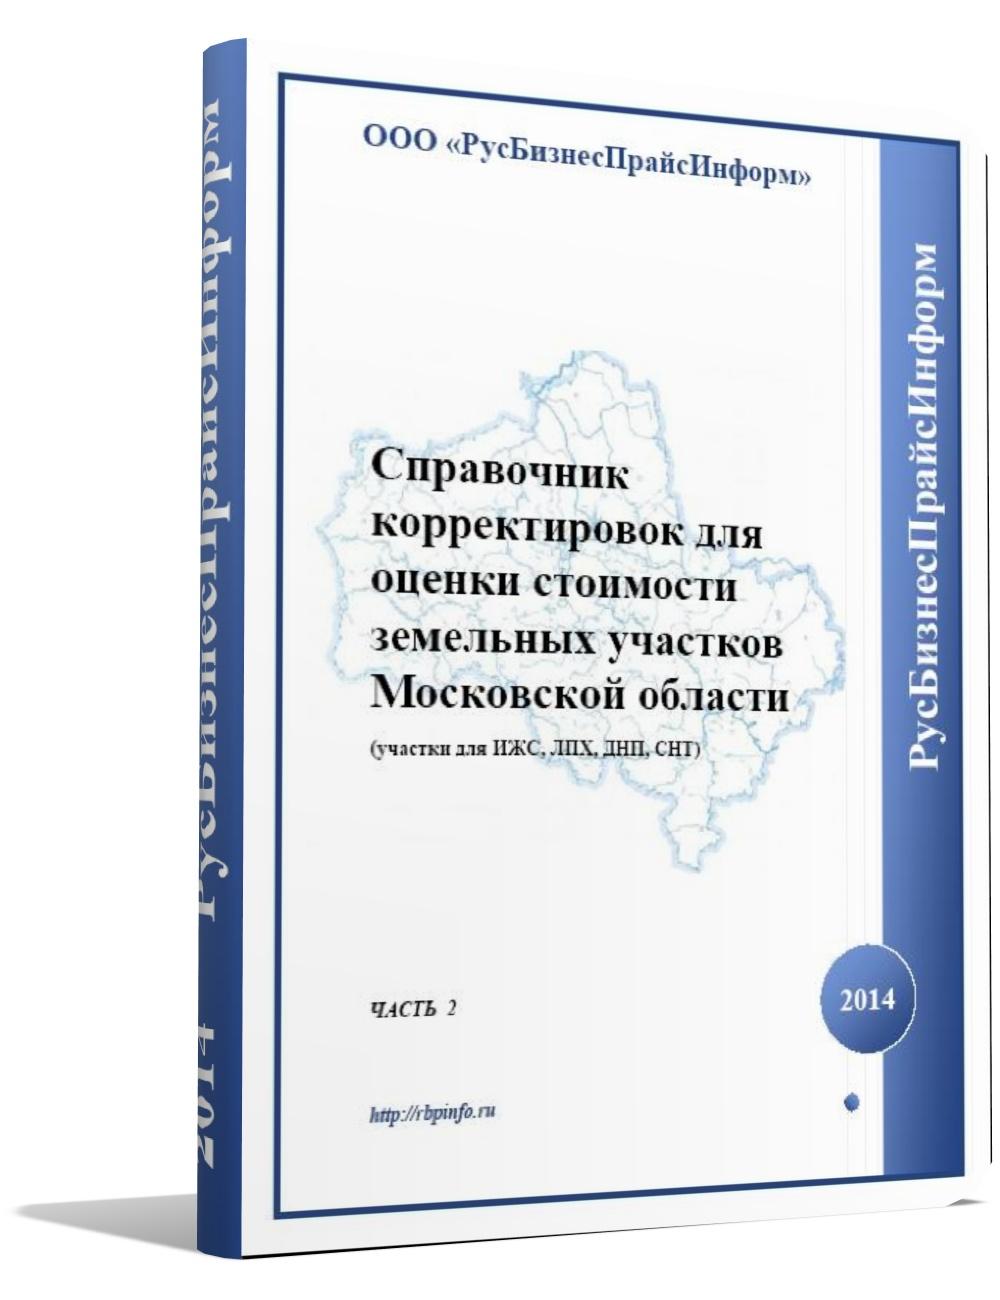 Справочник корректировок для оценки стоимости земельных участков Московской области (Часть 1) 2014